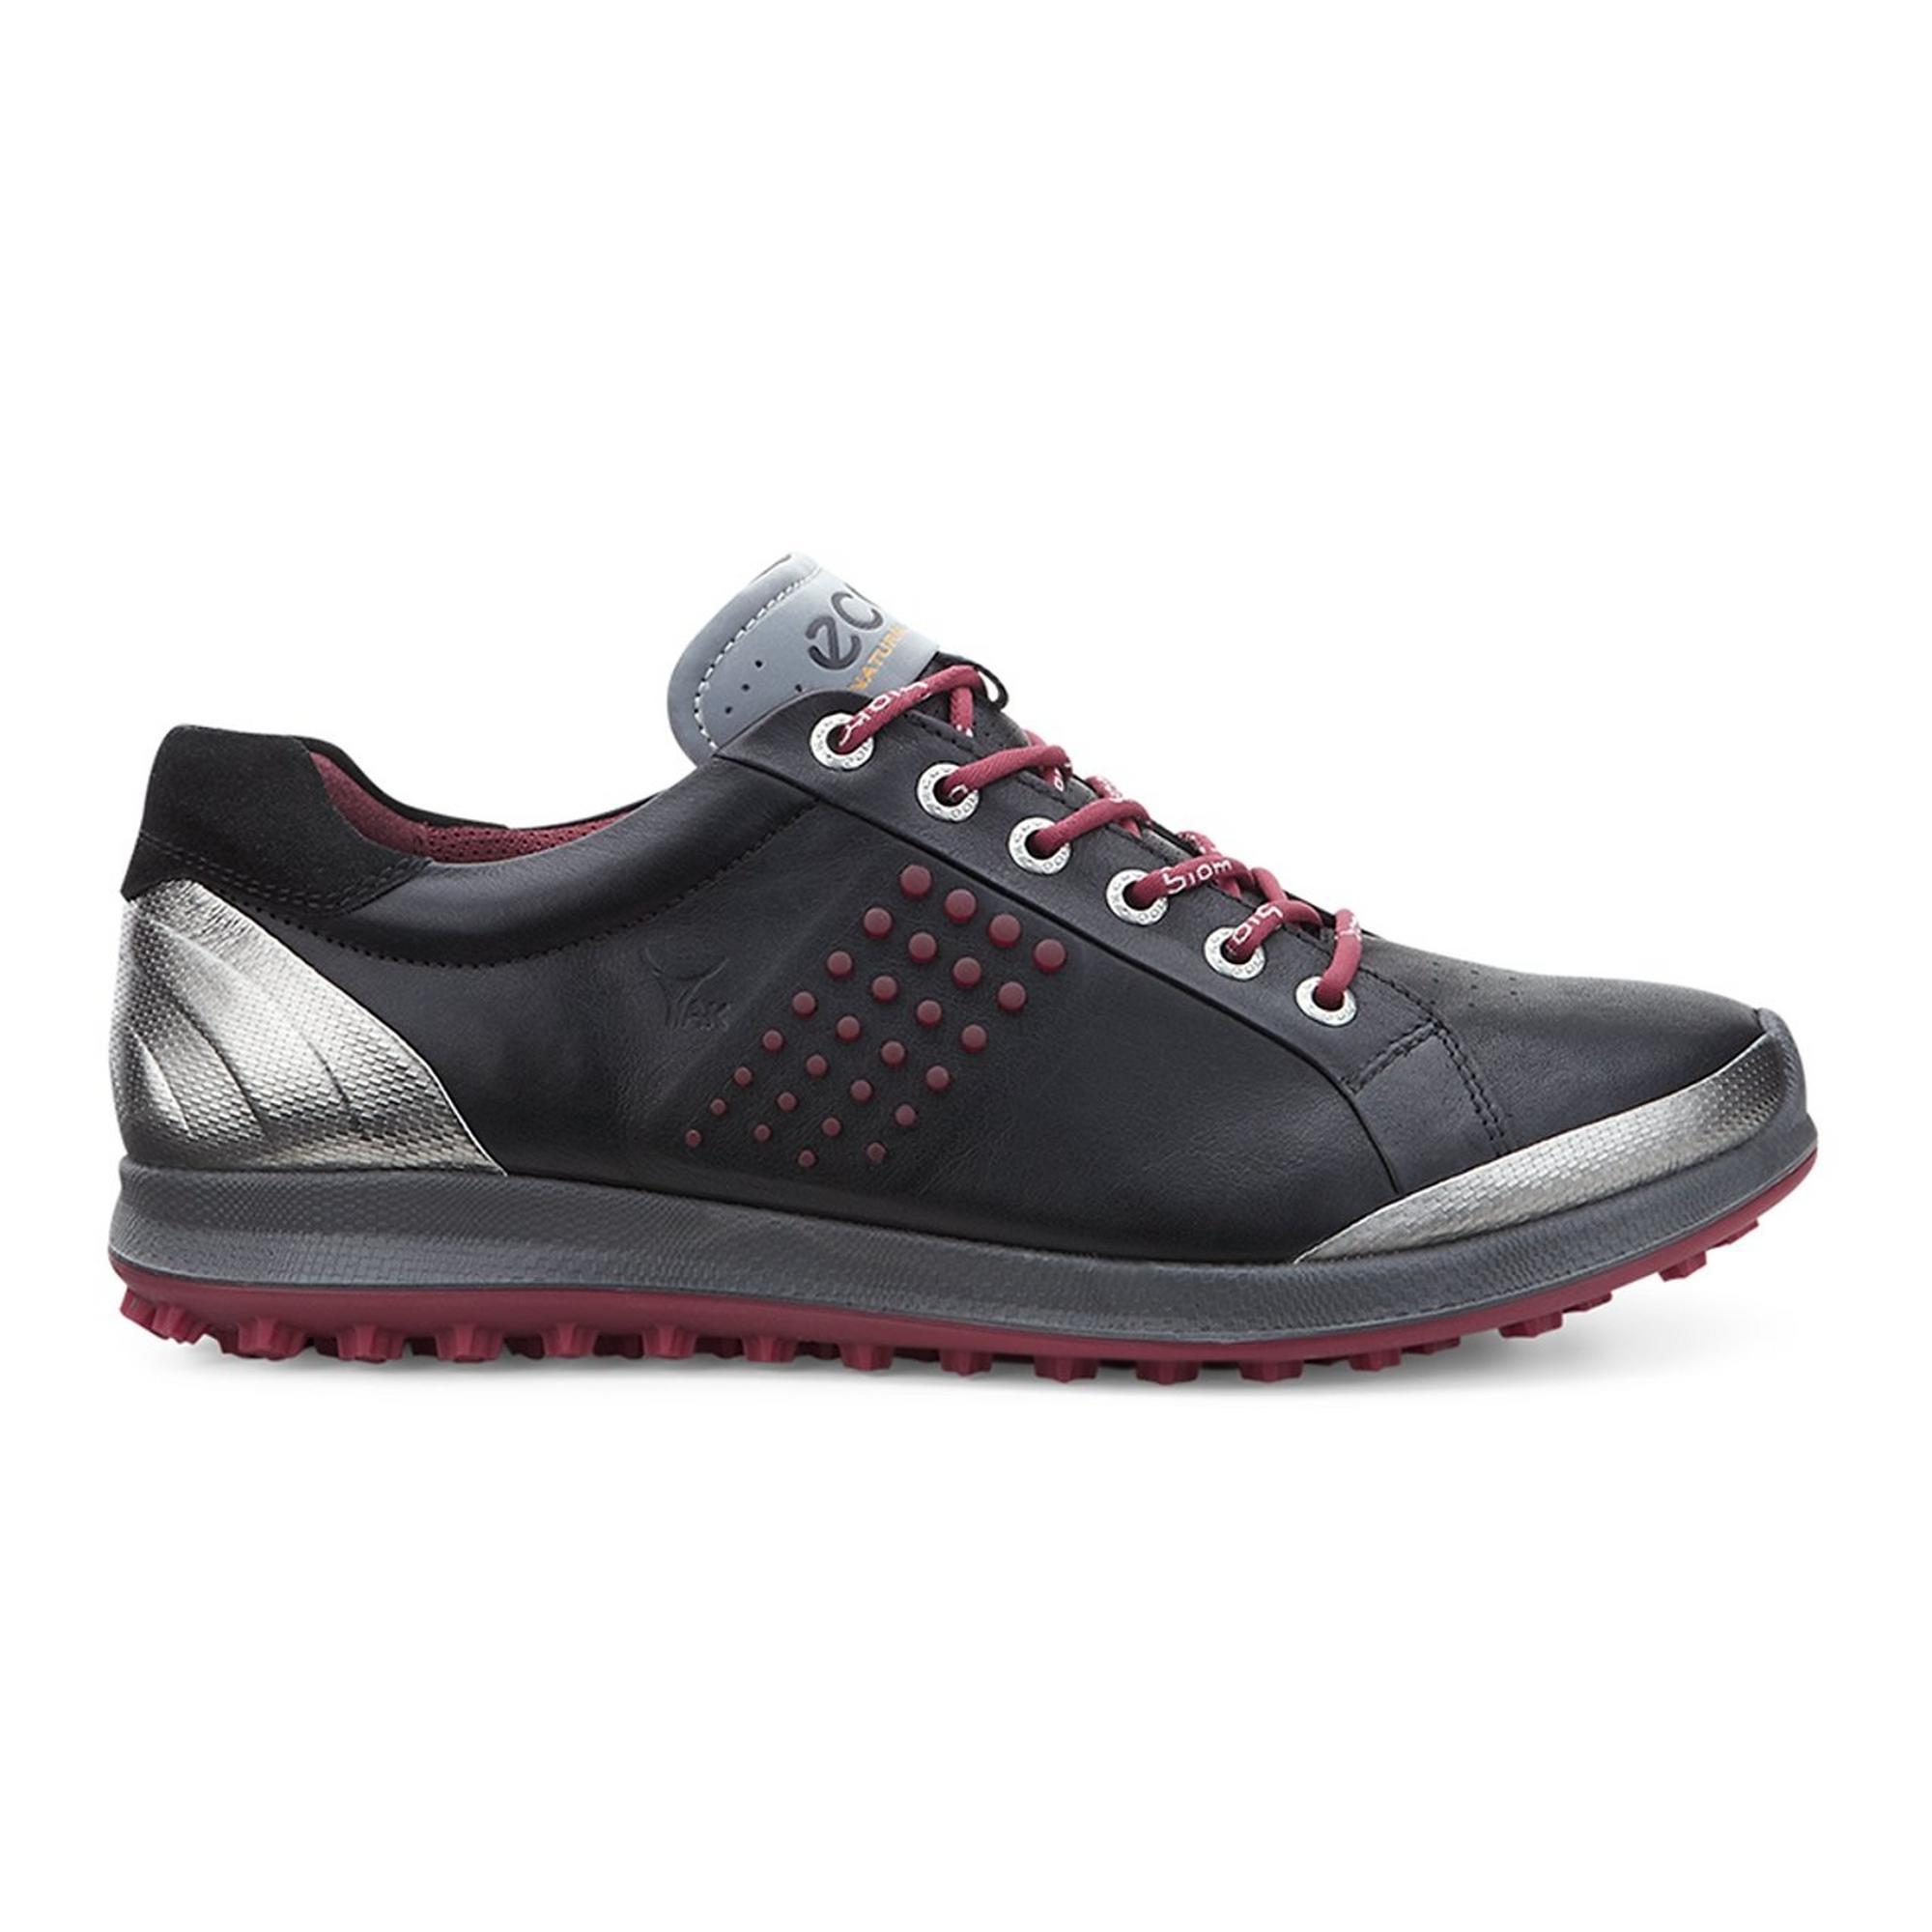 Chaussures BIOM Hybride 2 sans crampons pour hommes - Noir/Rouge